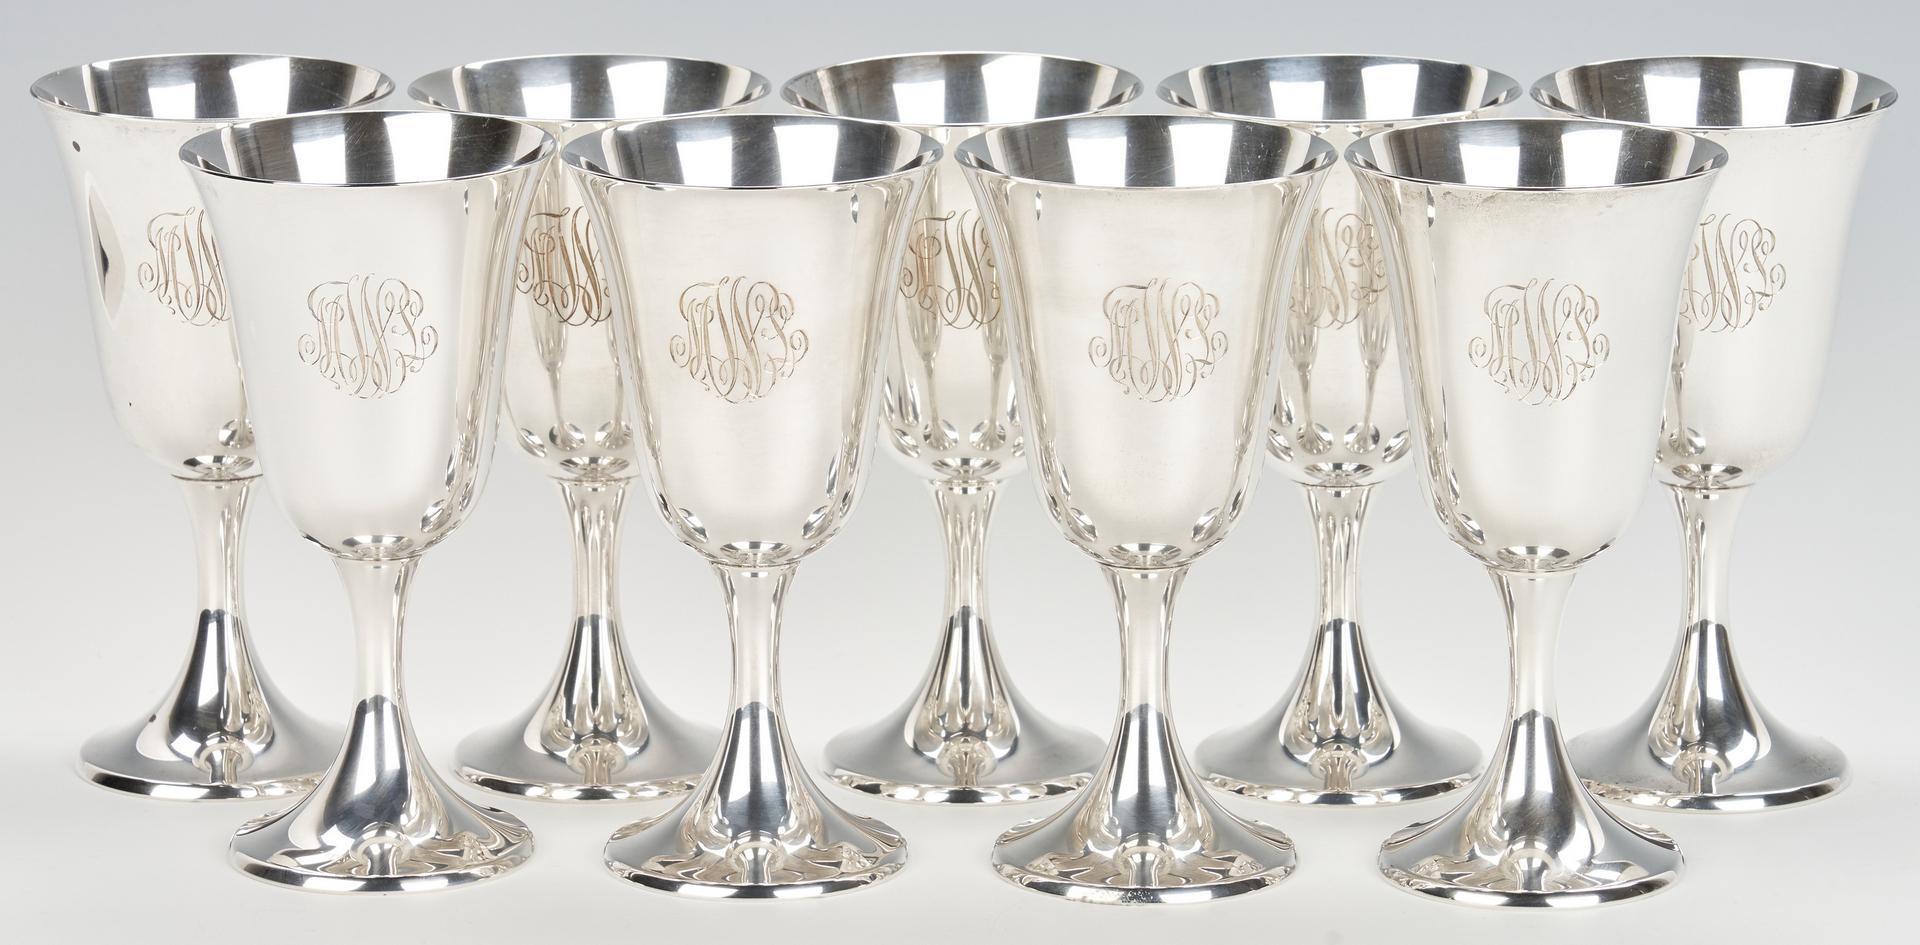 Lot 427: Set of 12 Gorham Sterling Water Goblets